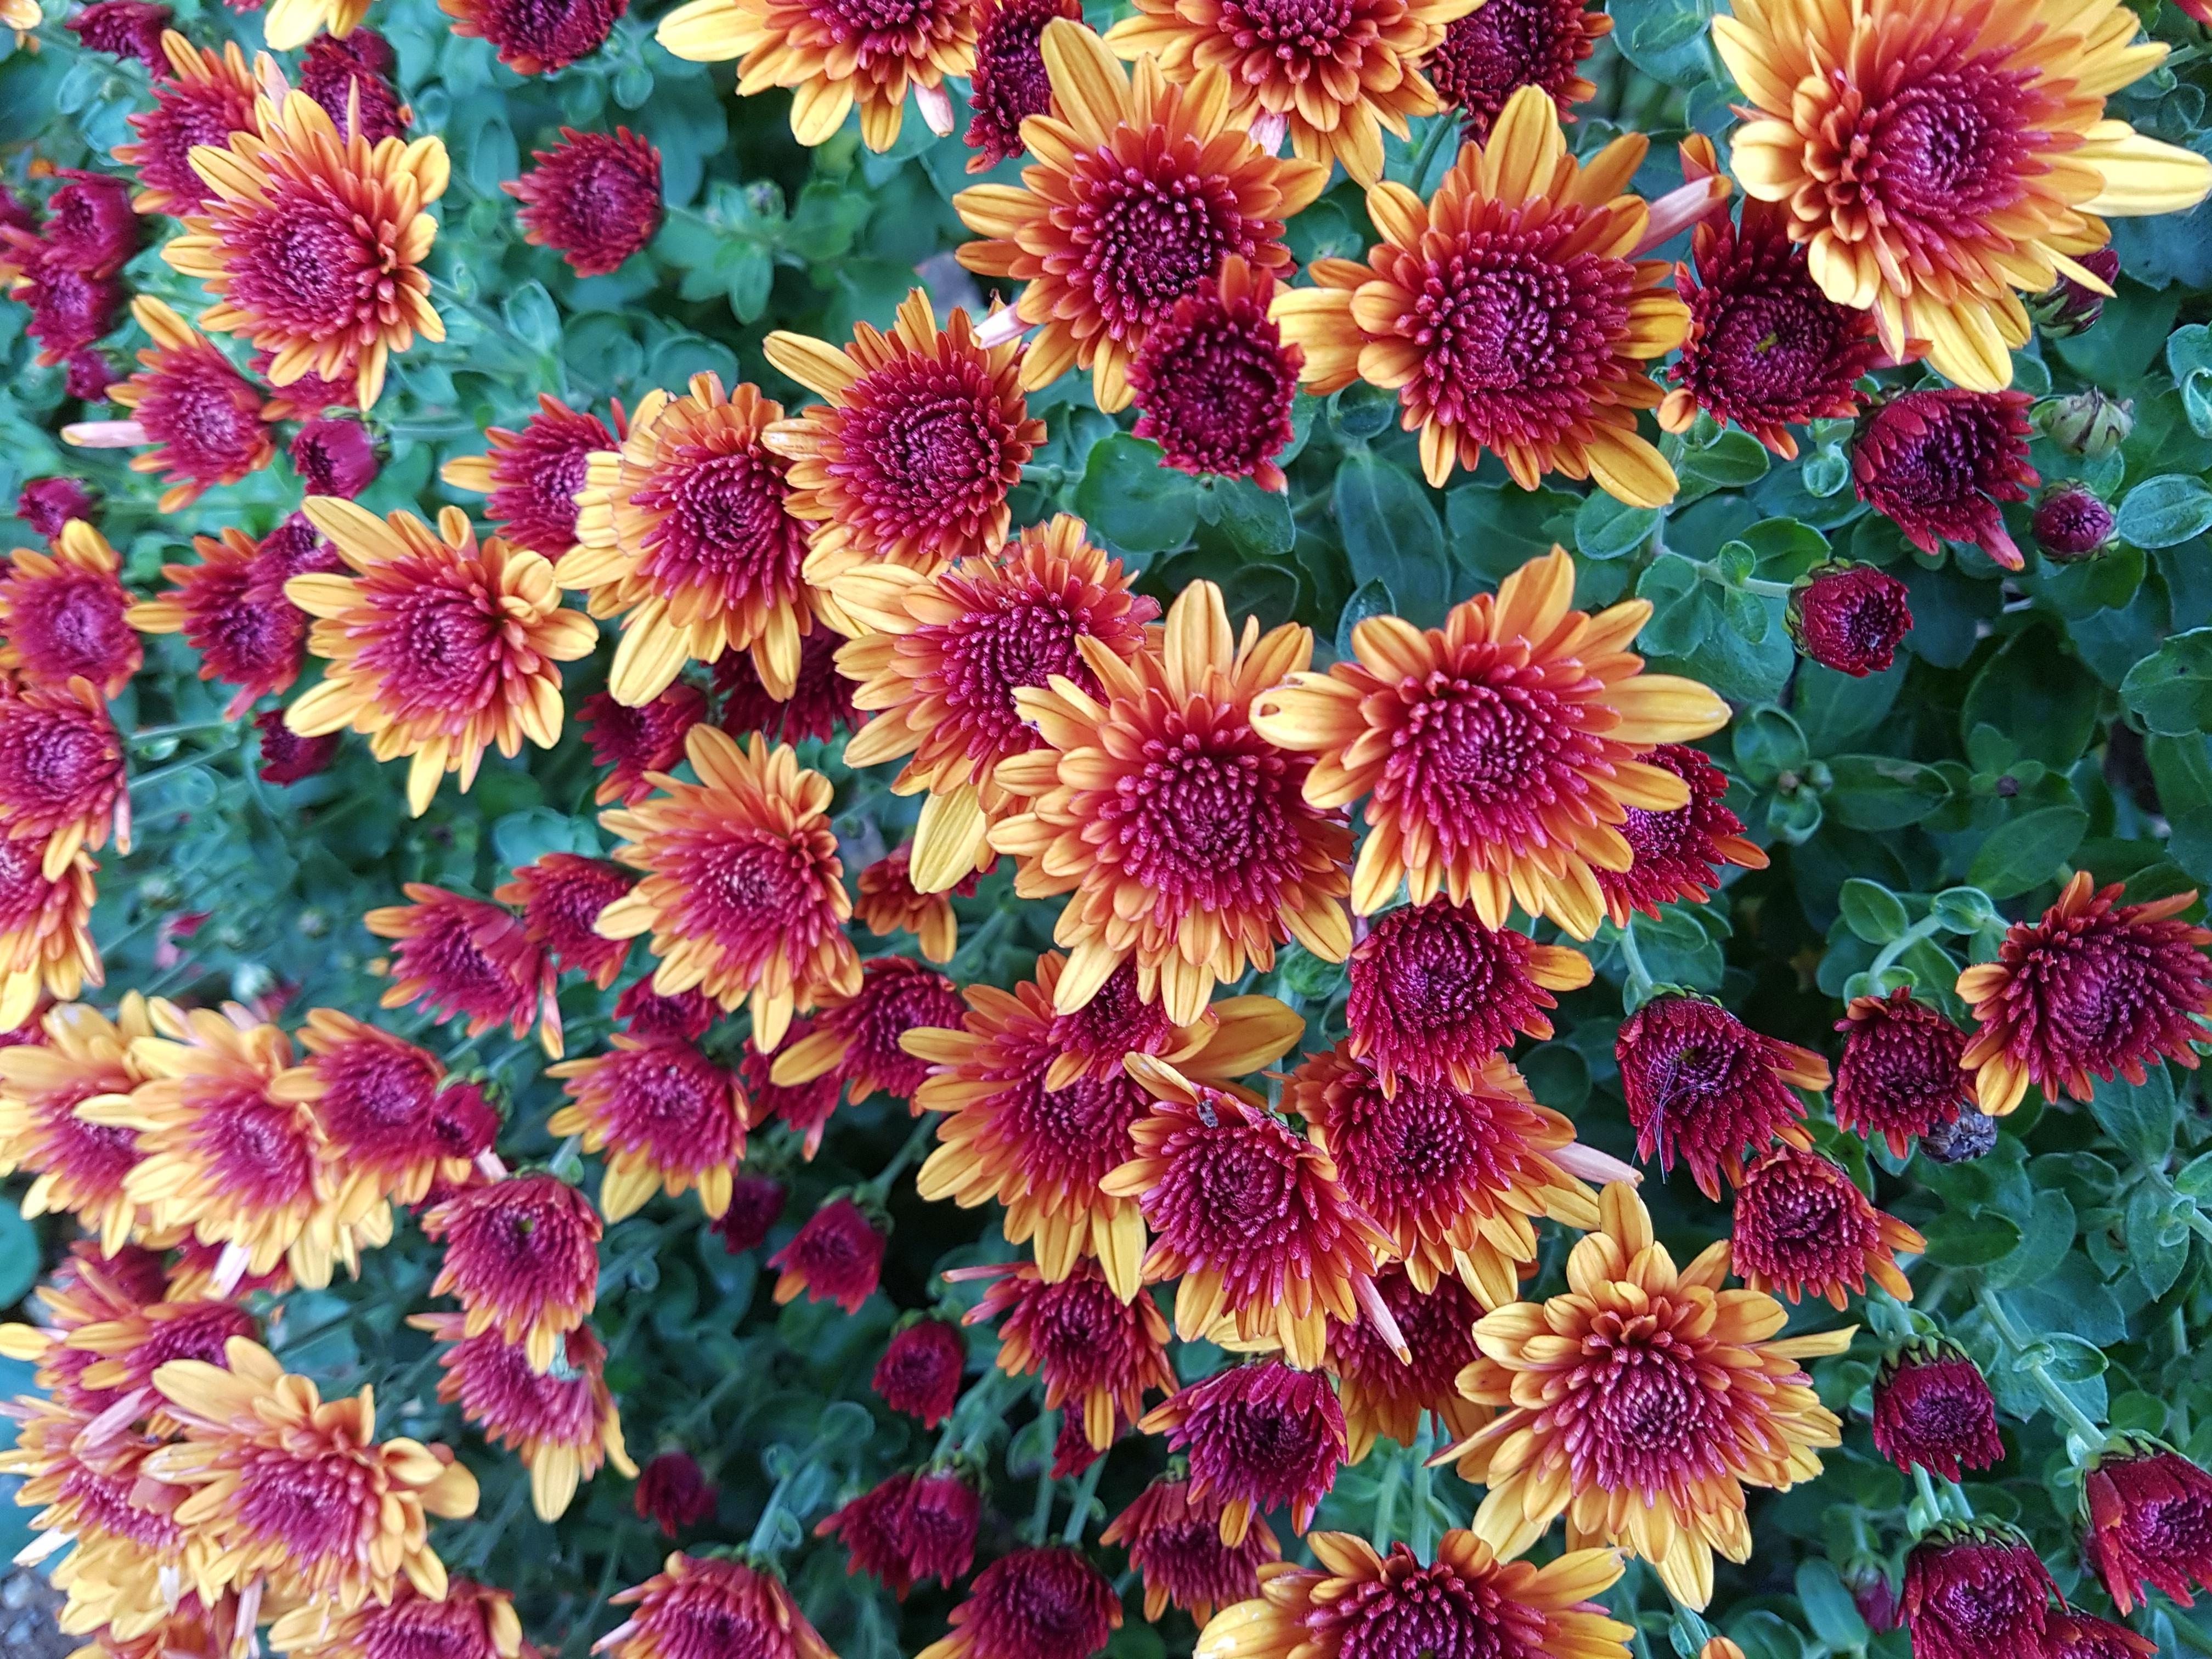 картинки на телефон красивые осенние цветы автомобиль приглянётся только